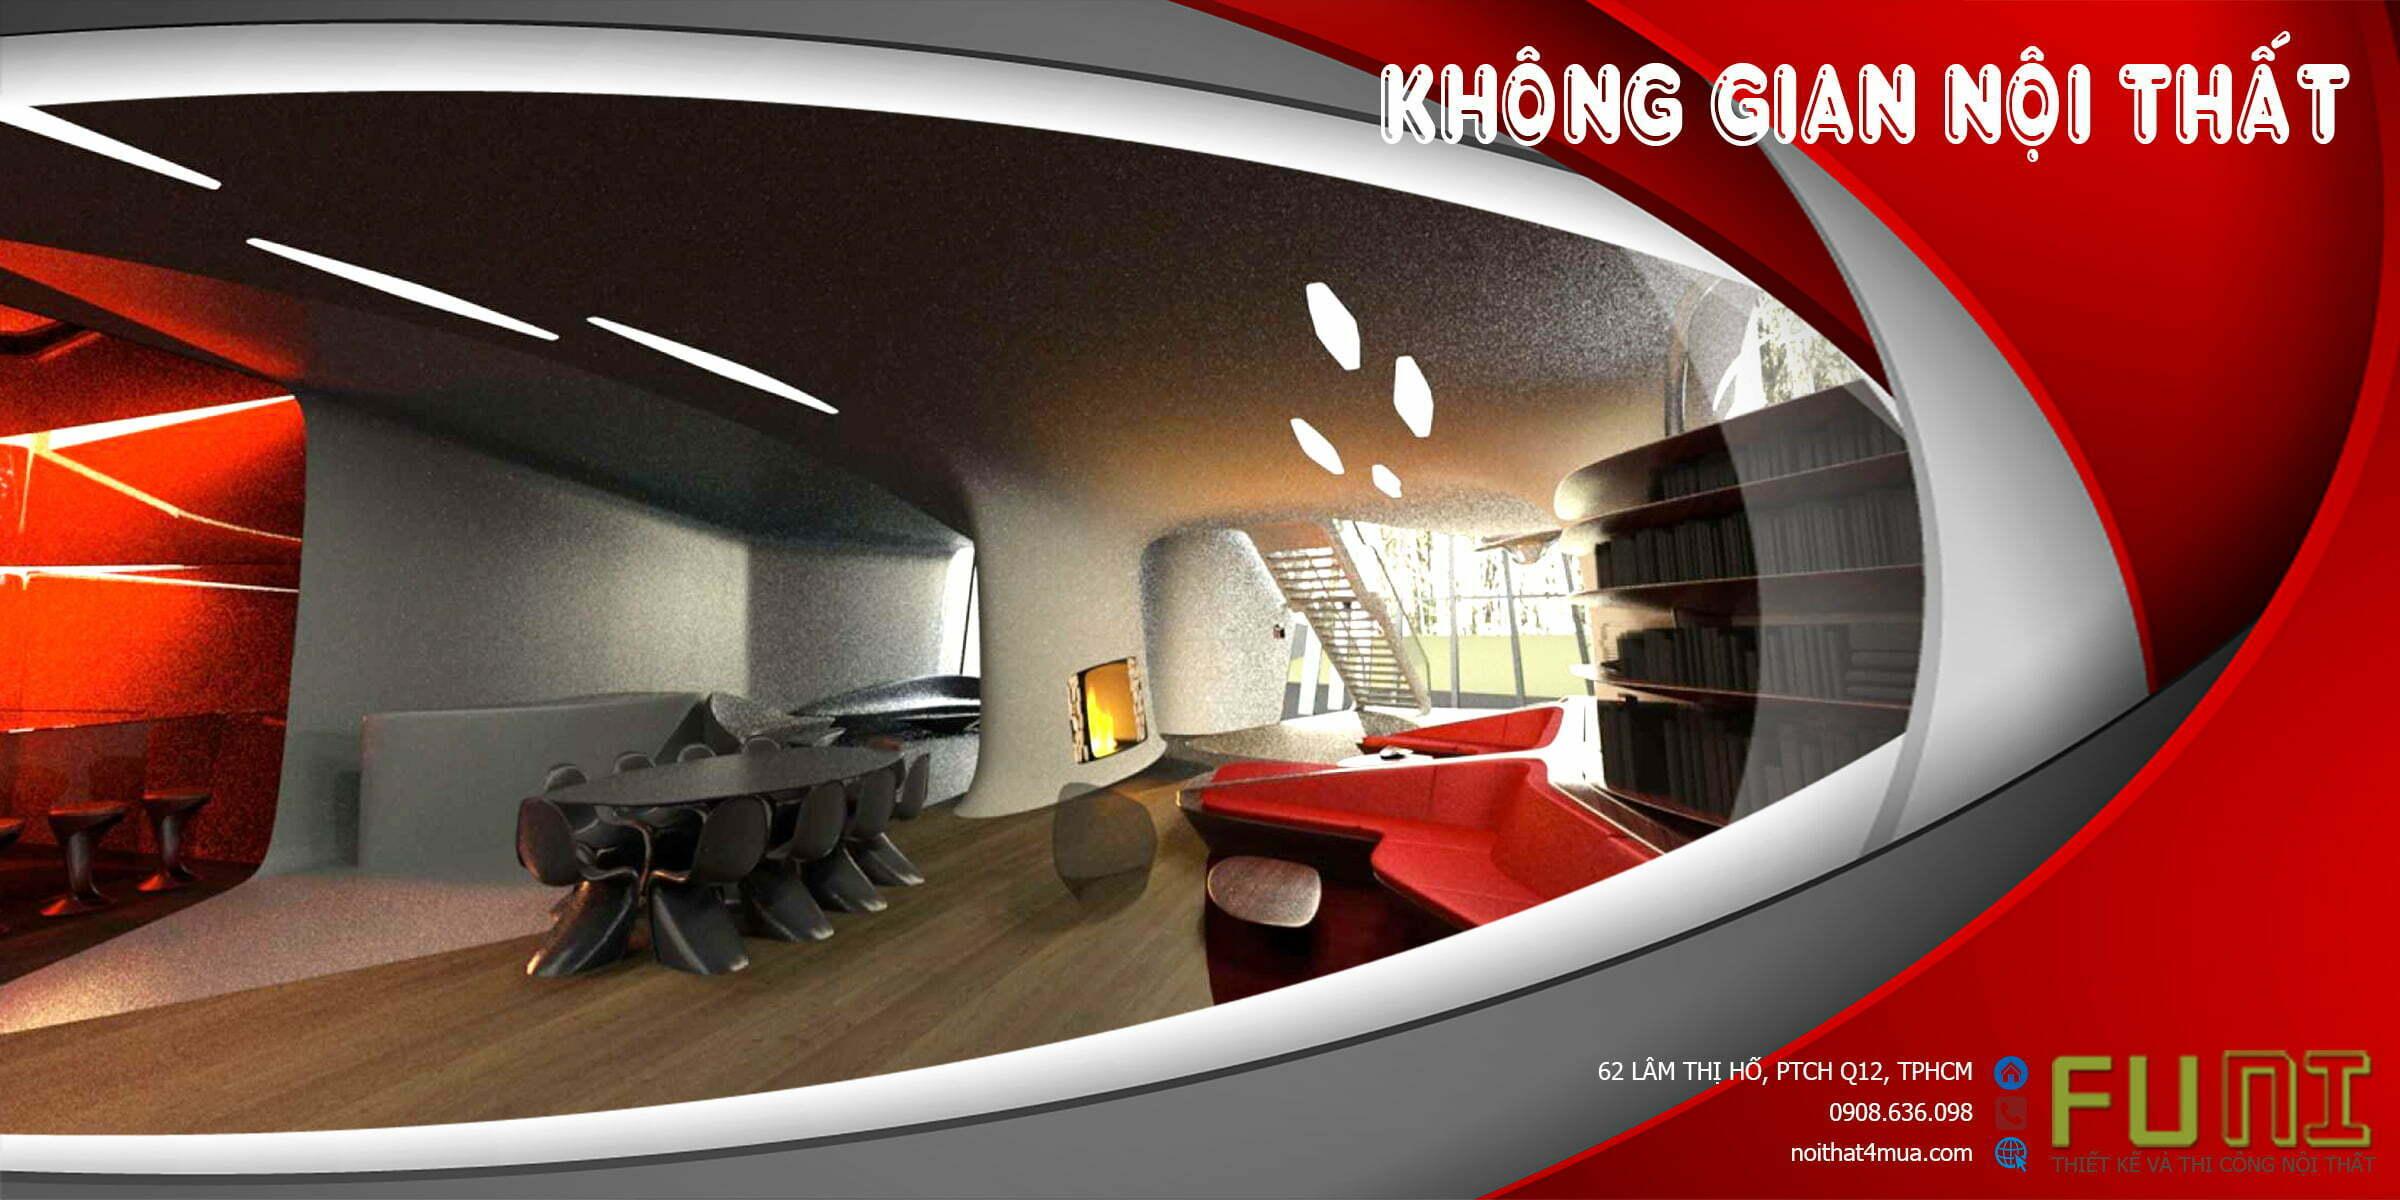 Thiết kế không gian nội thất thoáng mát